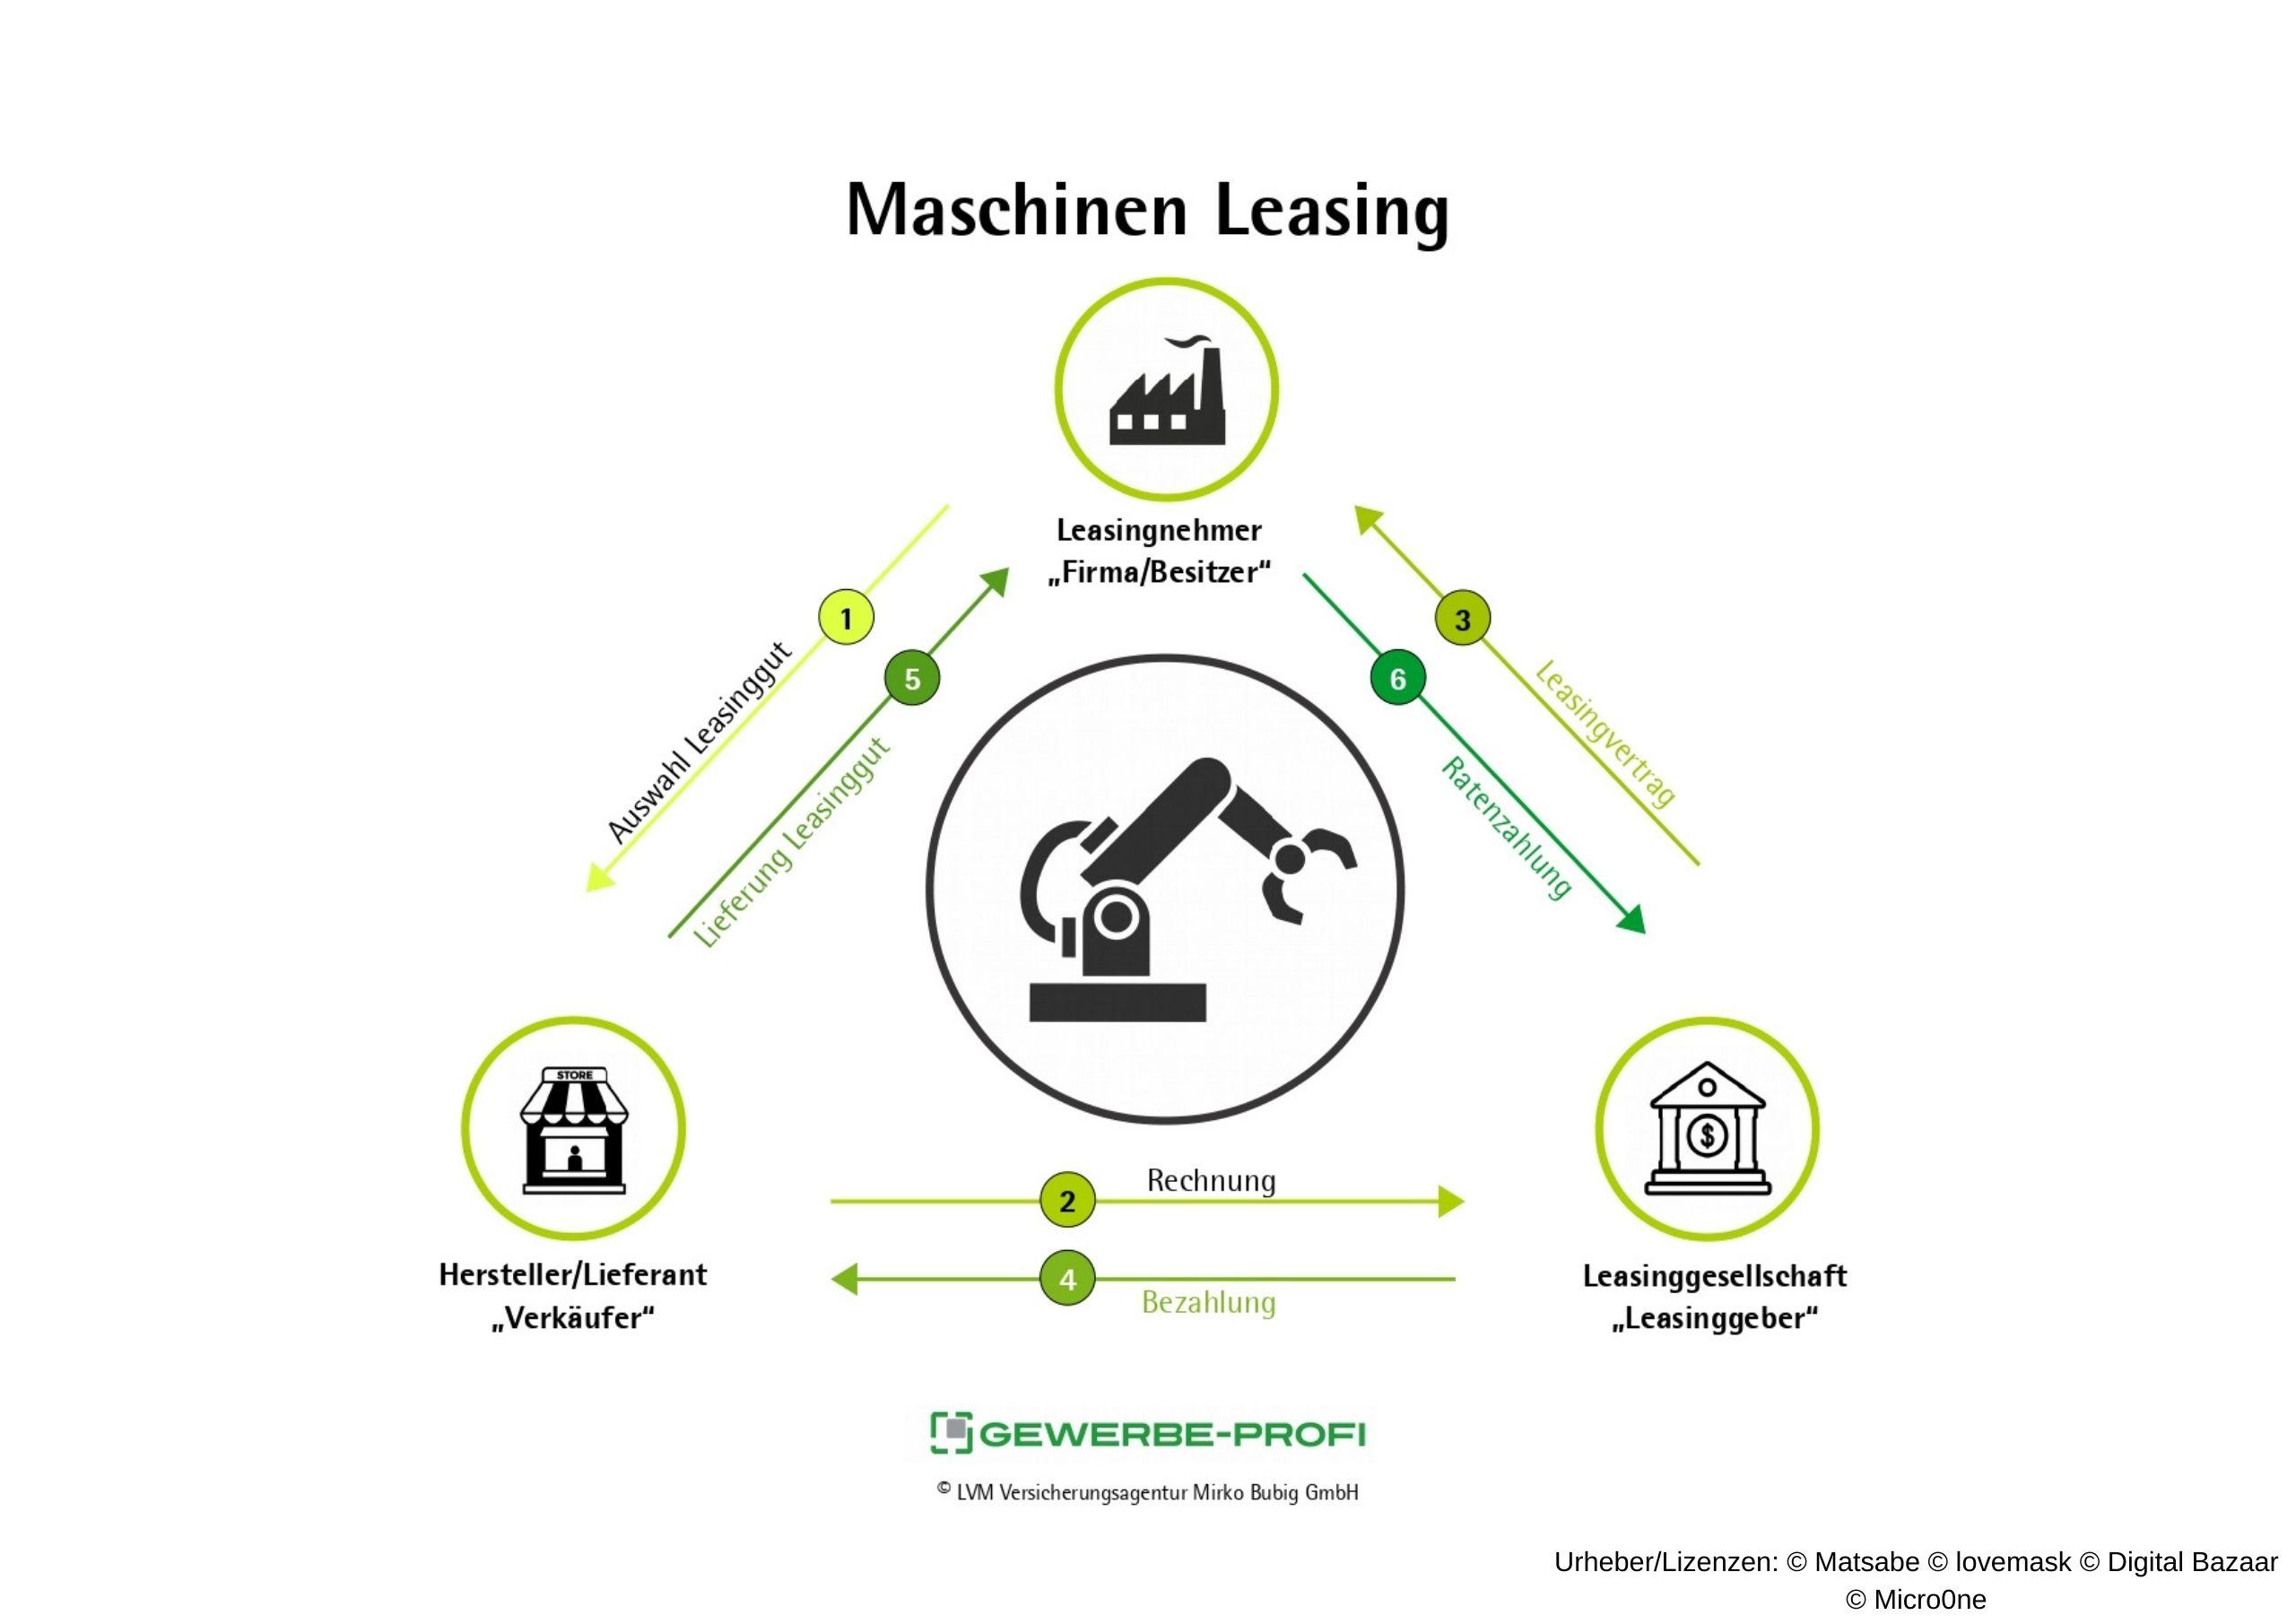 Maschinen Leasing - So funktioniert es